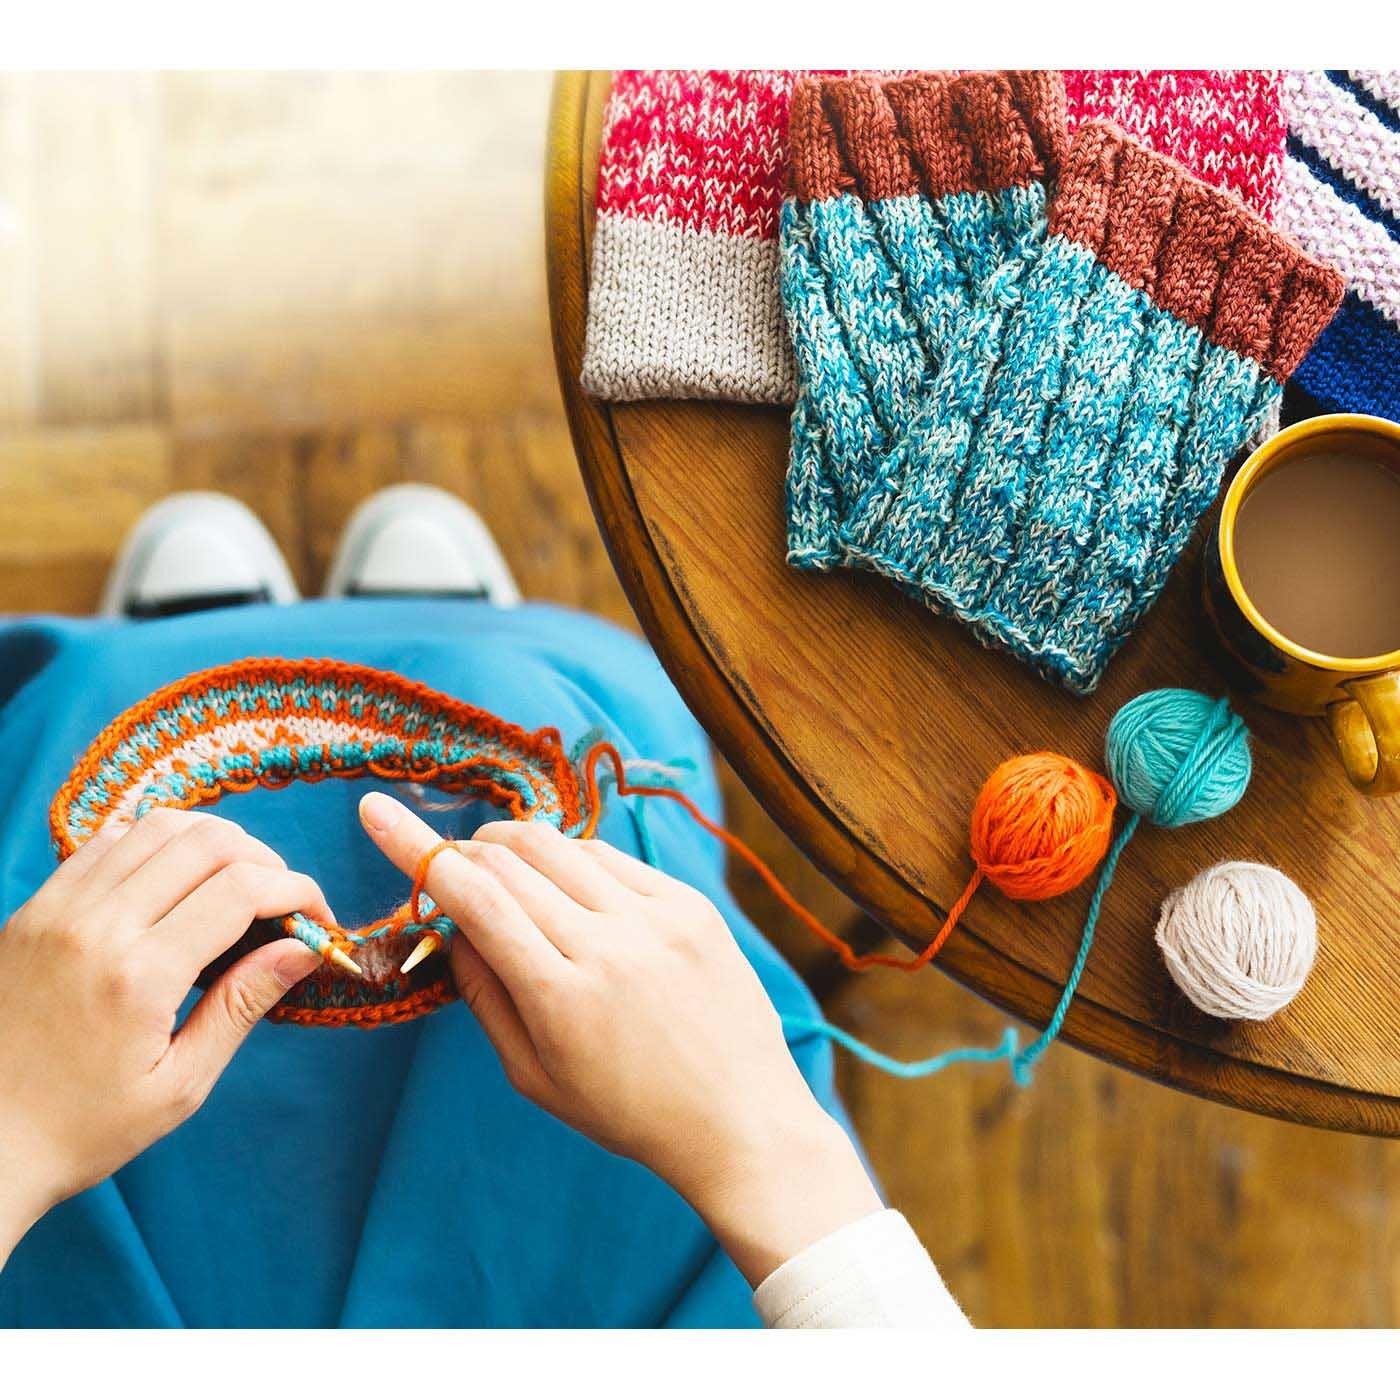 わかるとすいすい! 「はじめてさんのきほんのき」輪針で編む実用小物